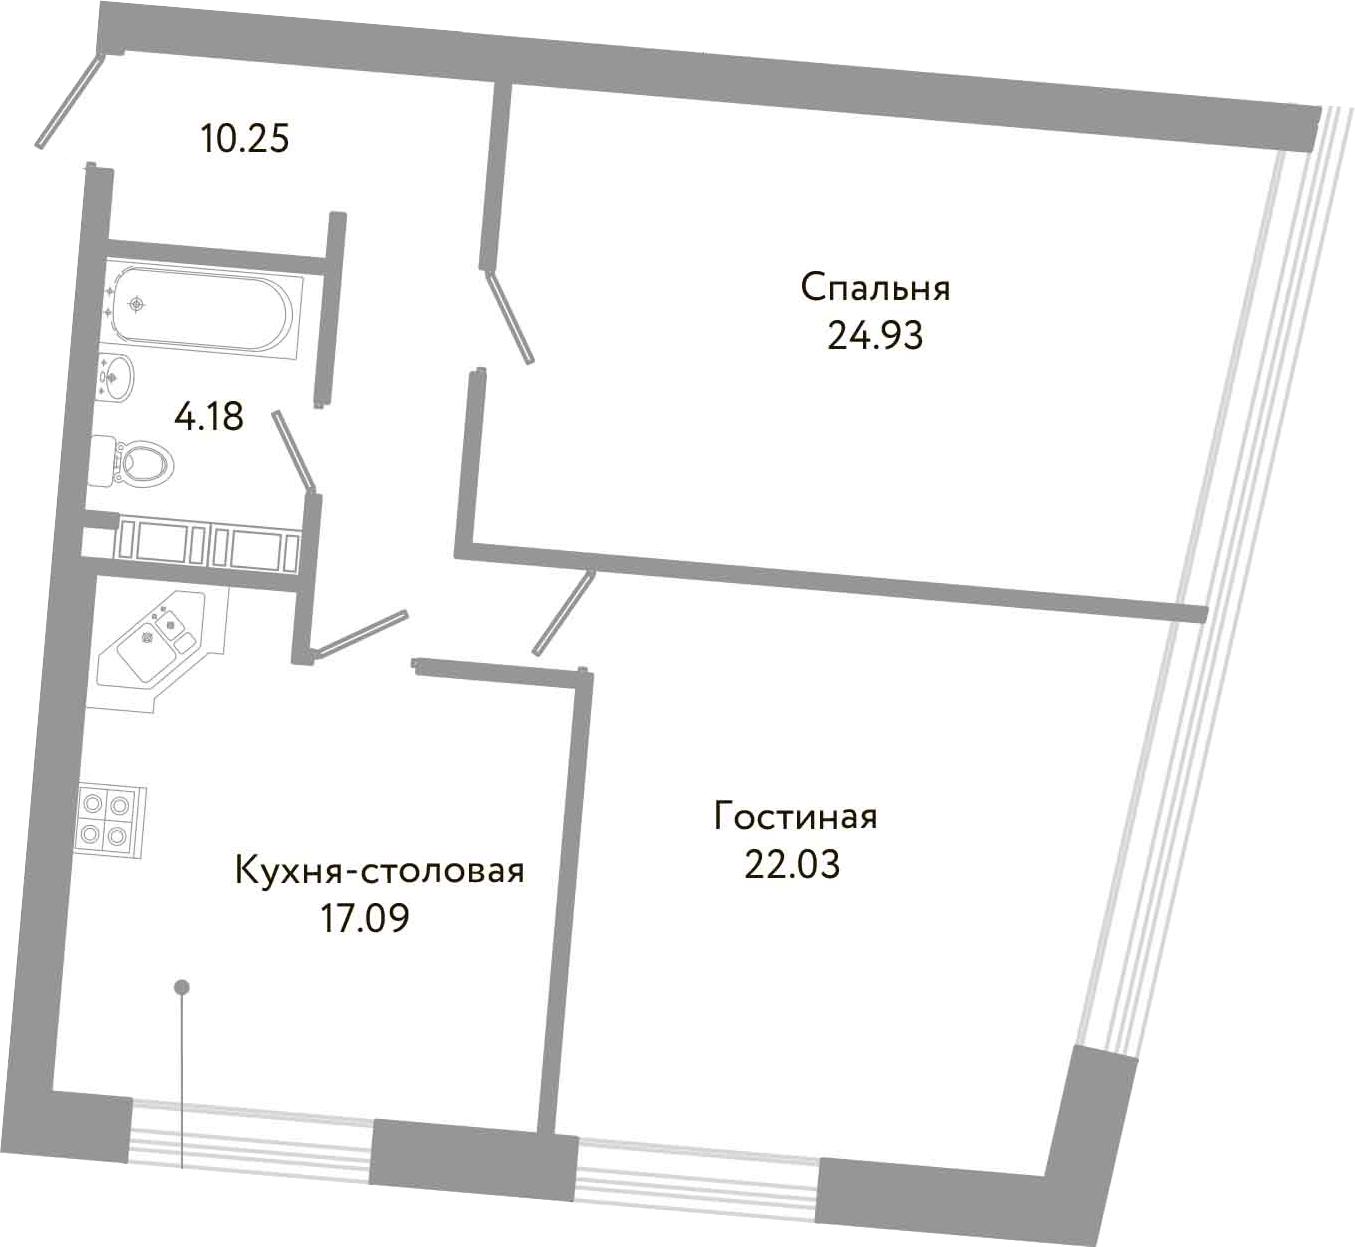 2-комнатная квартира, 78.48 м², 4 этаж – Планировка